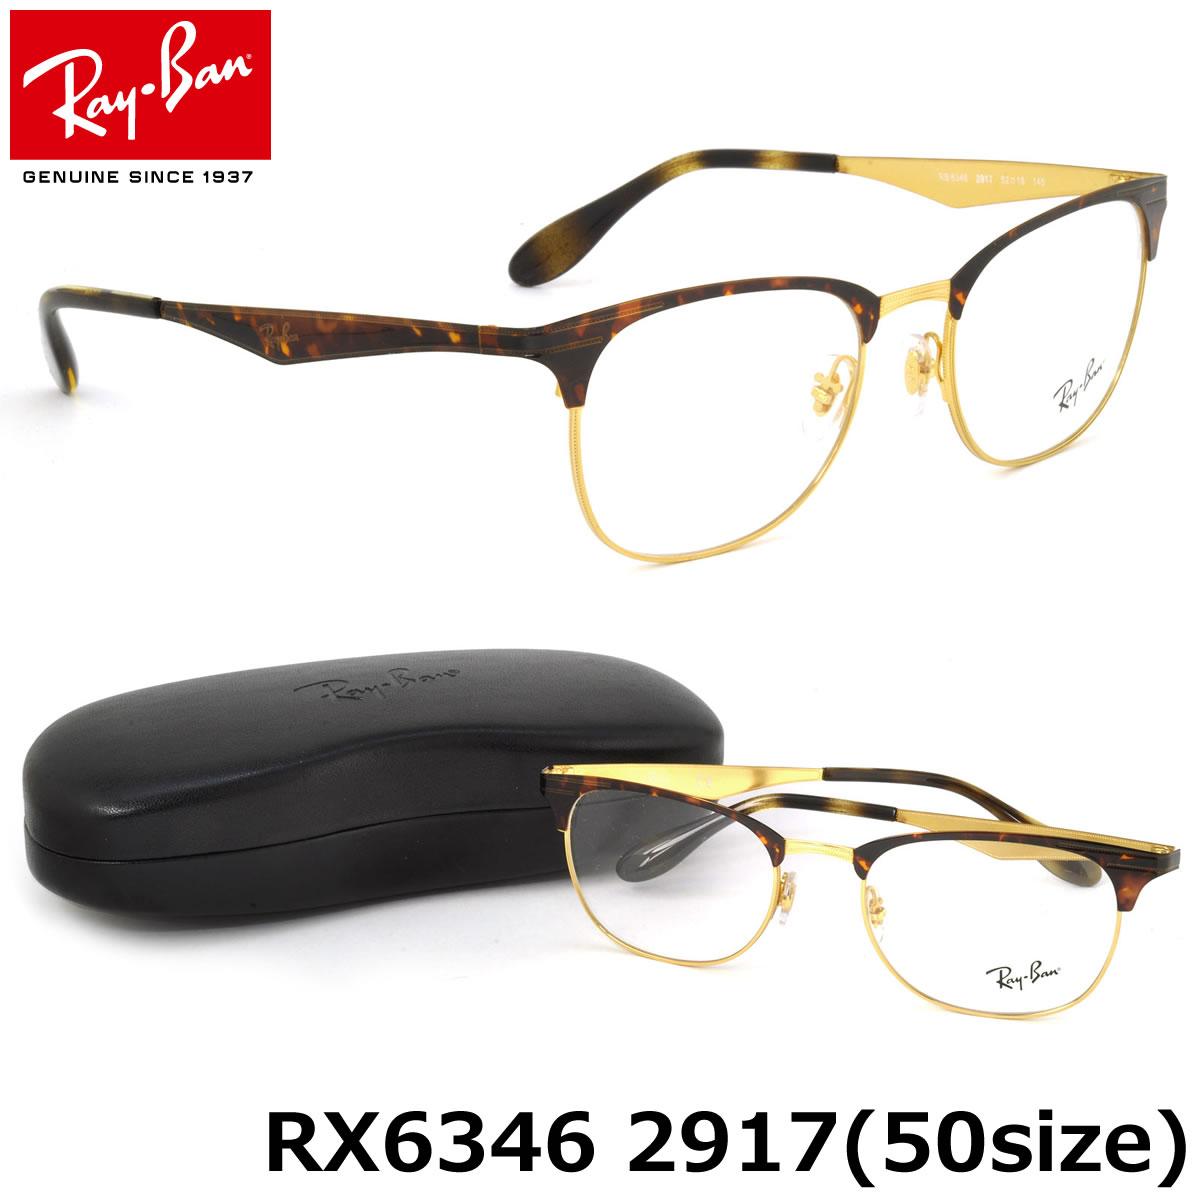 ほぼ全品ポイント15倍~最大43倍+3倍!お得なクーポンも! レイバン メガネ フレーム Ray-Ban RX6346 2917 50サイズ シートメタル スクエア レイバン RAYBAN メンズ レディース